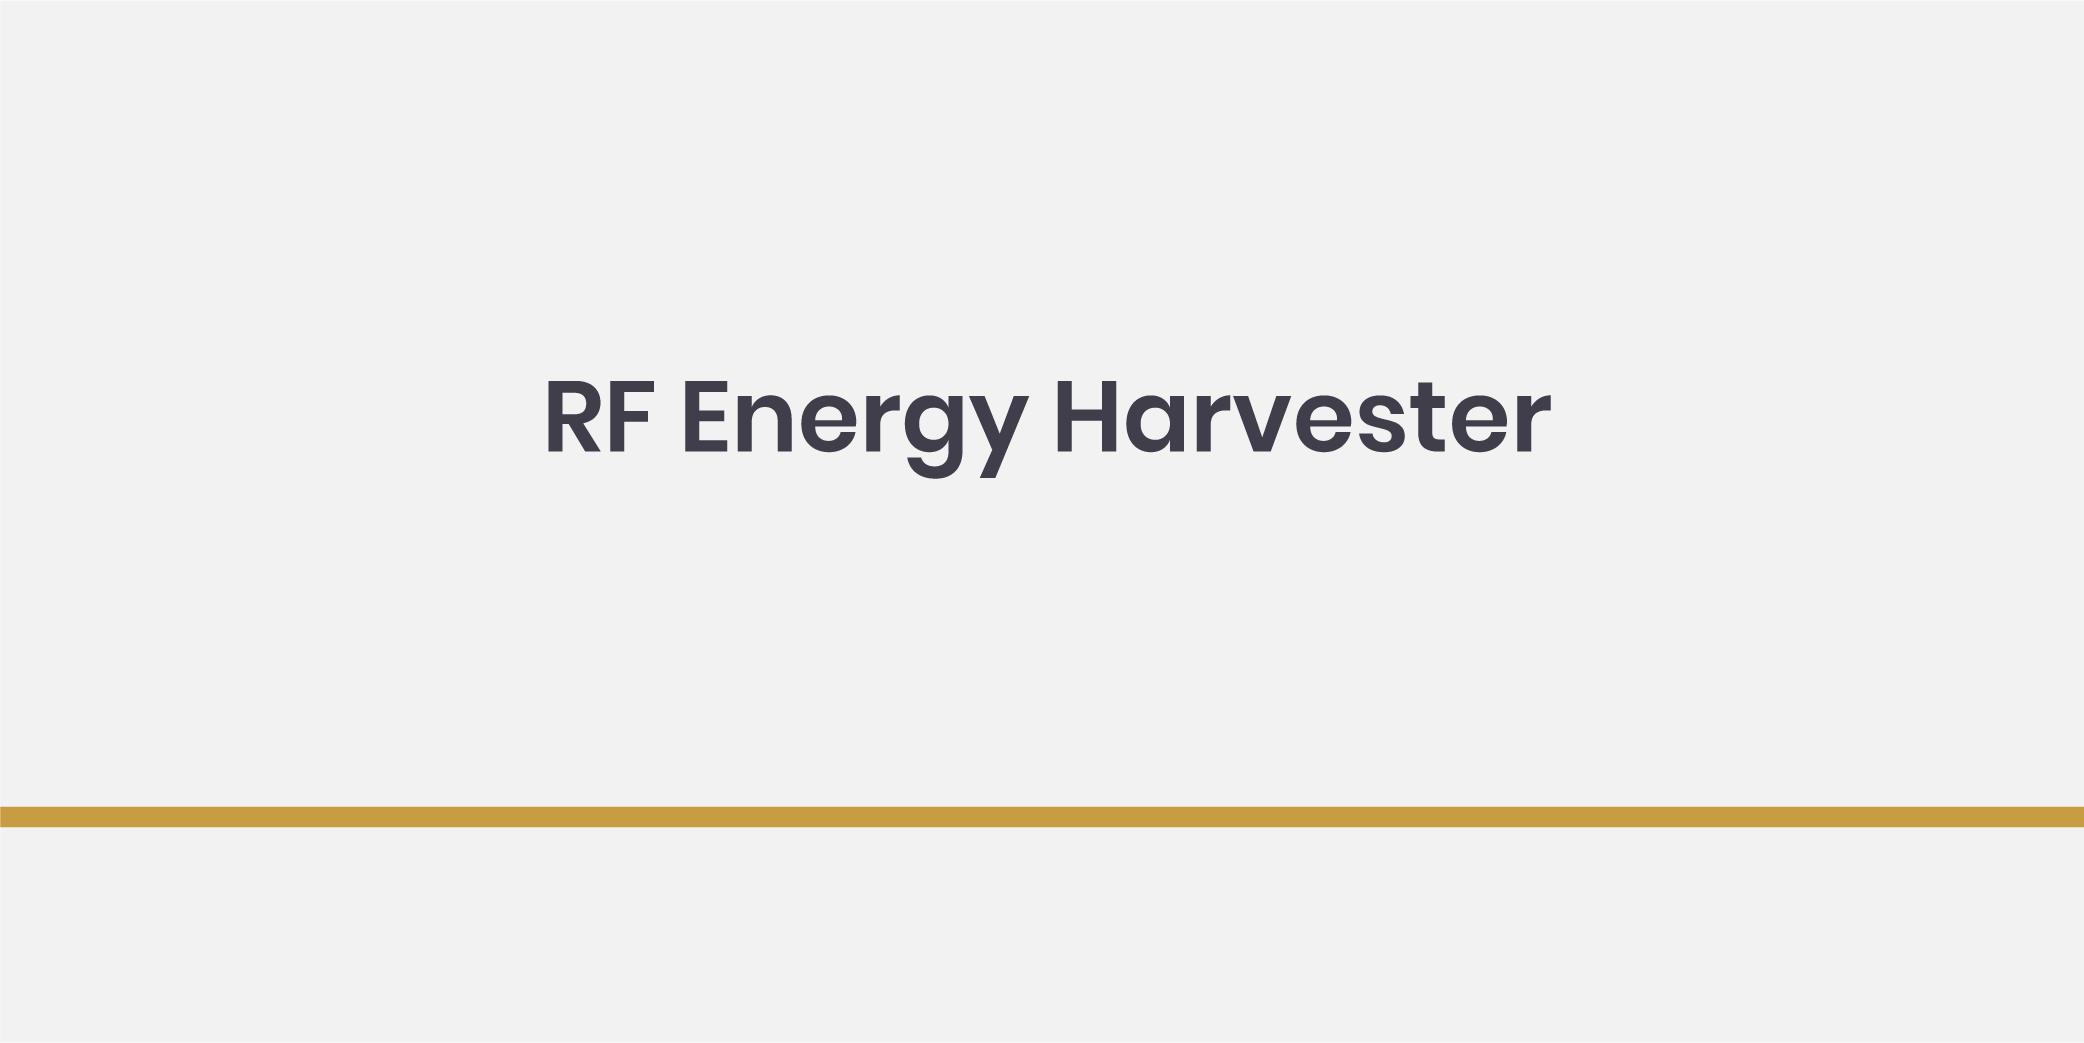 RF Energy Harvester